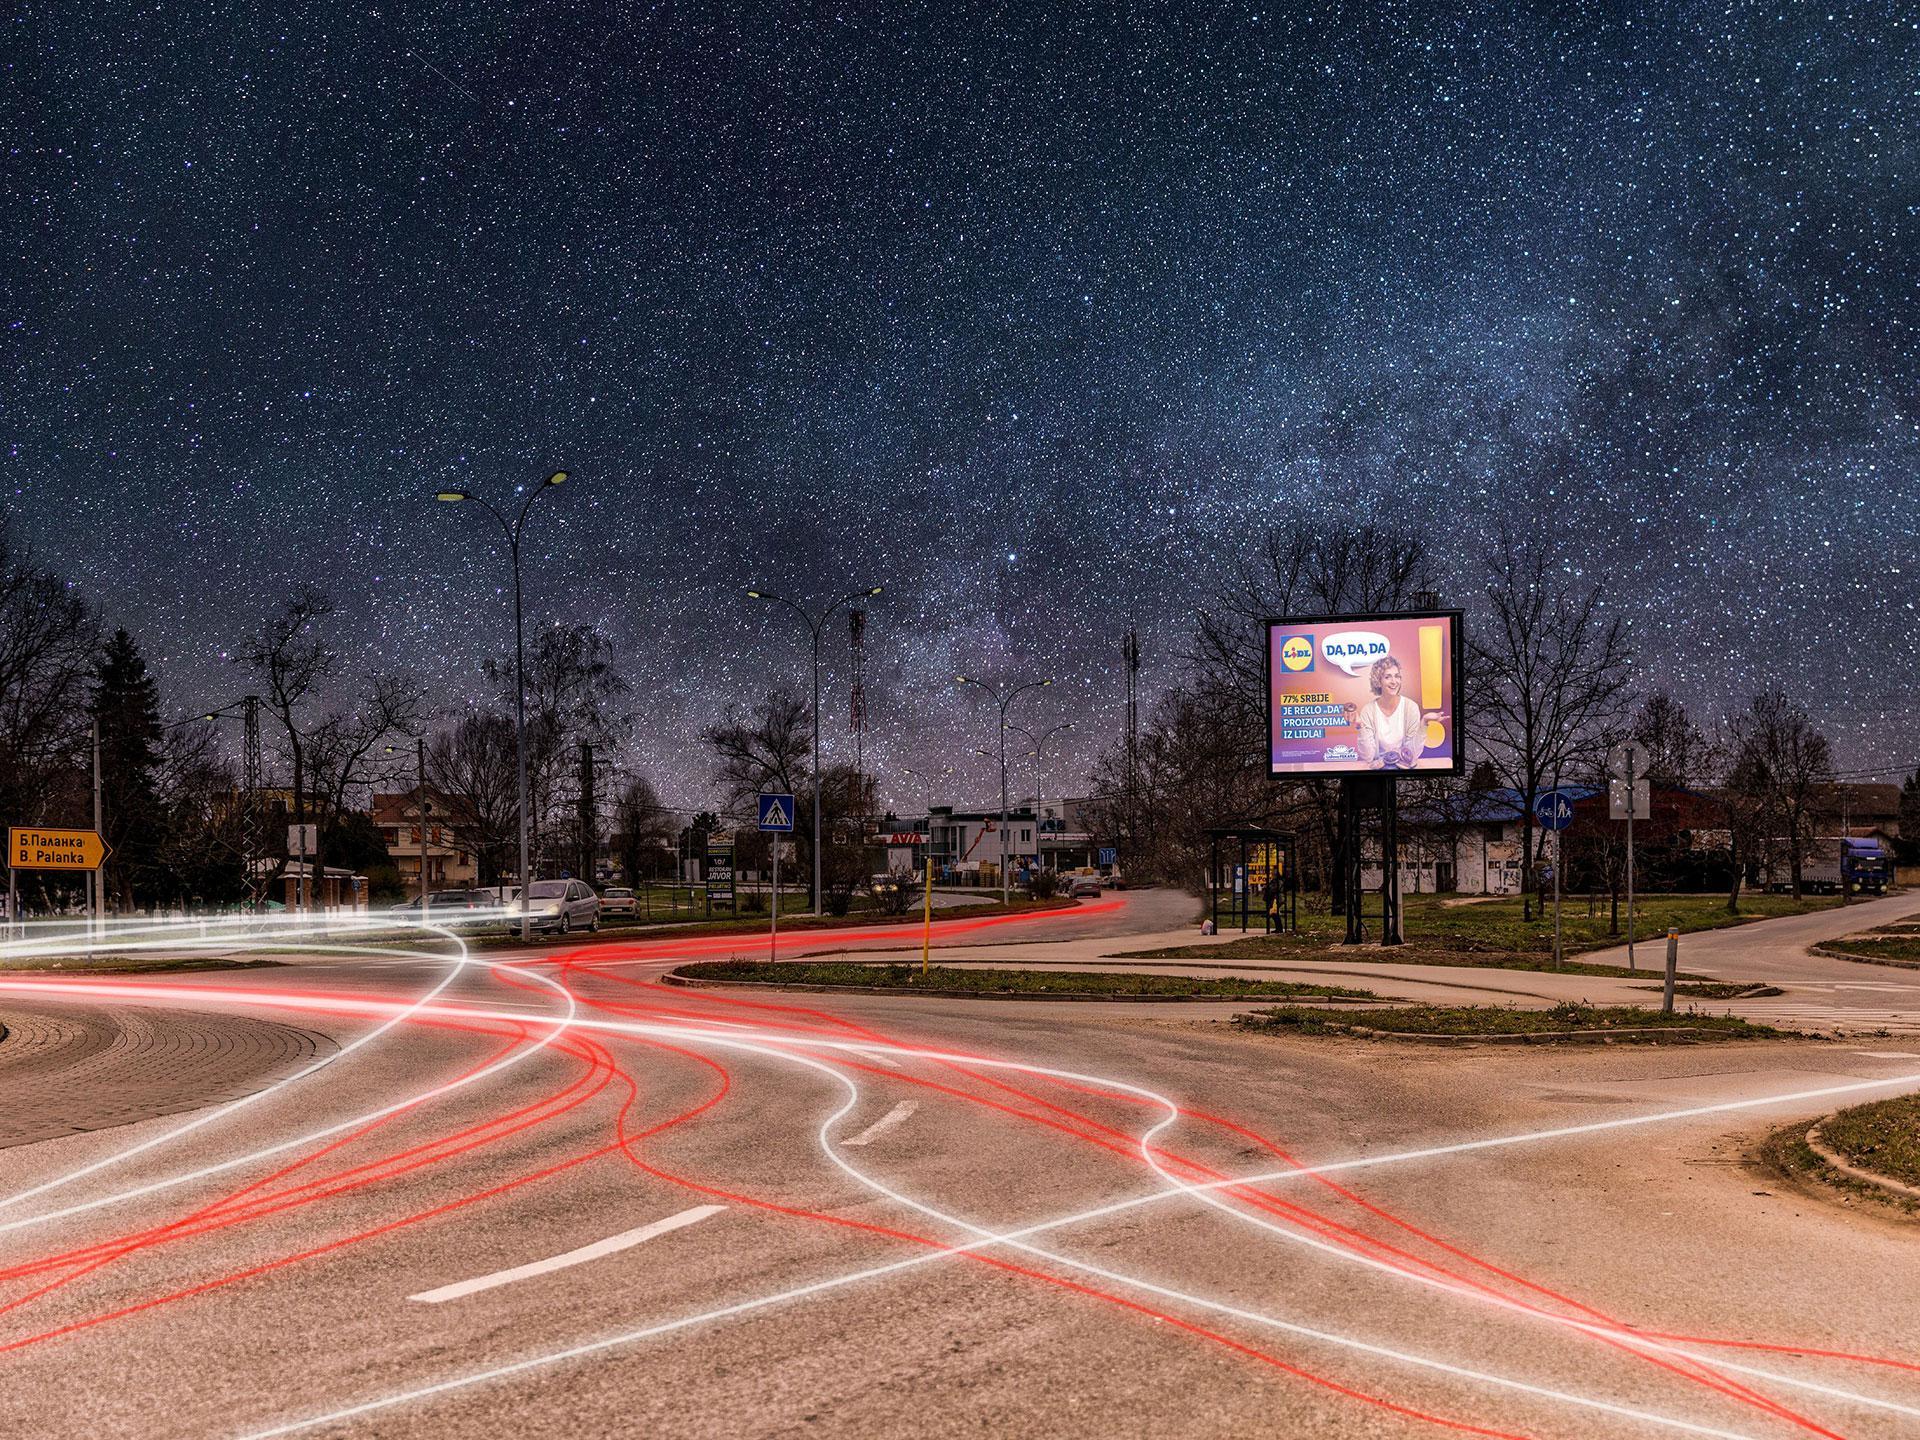 Iznajmljivanje LED bilborda,Iznajmljivanje LED bilborda Novi Sad,led bilbordi novi sad,novi sad